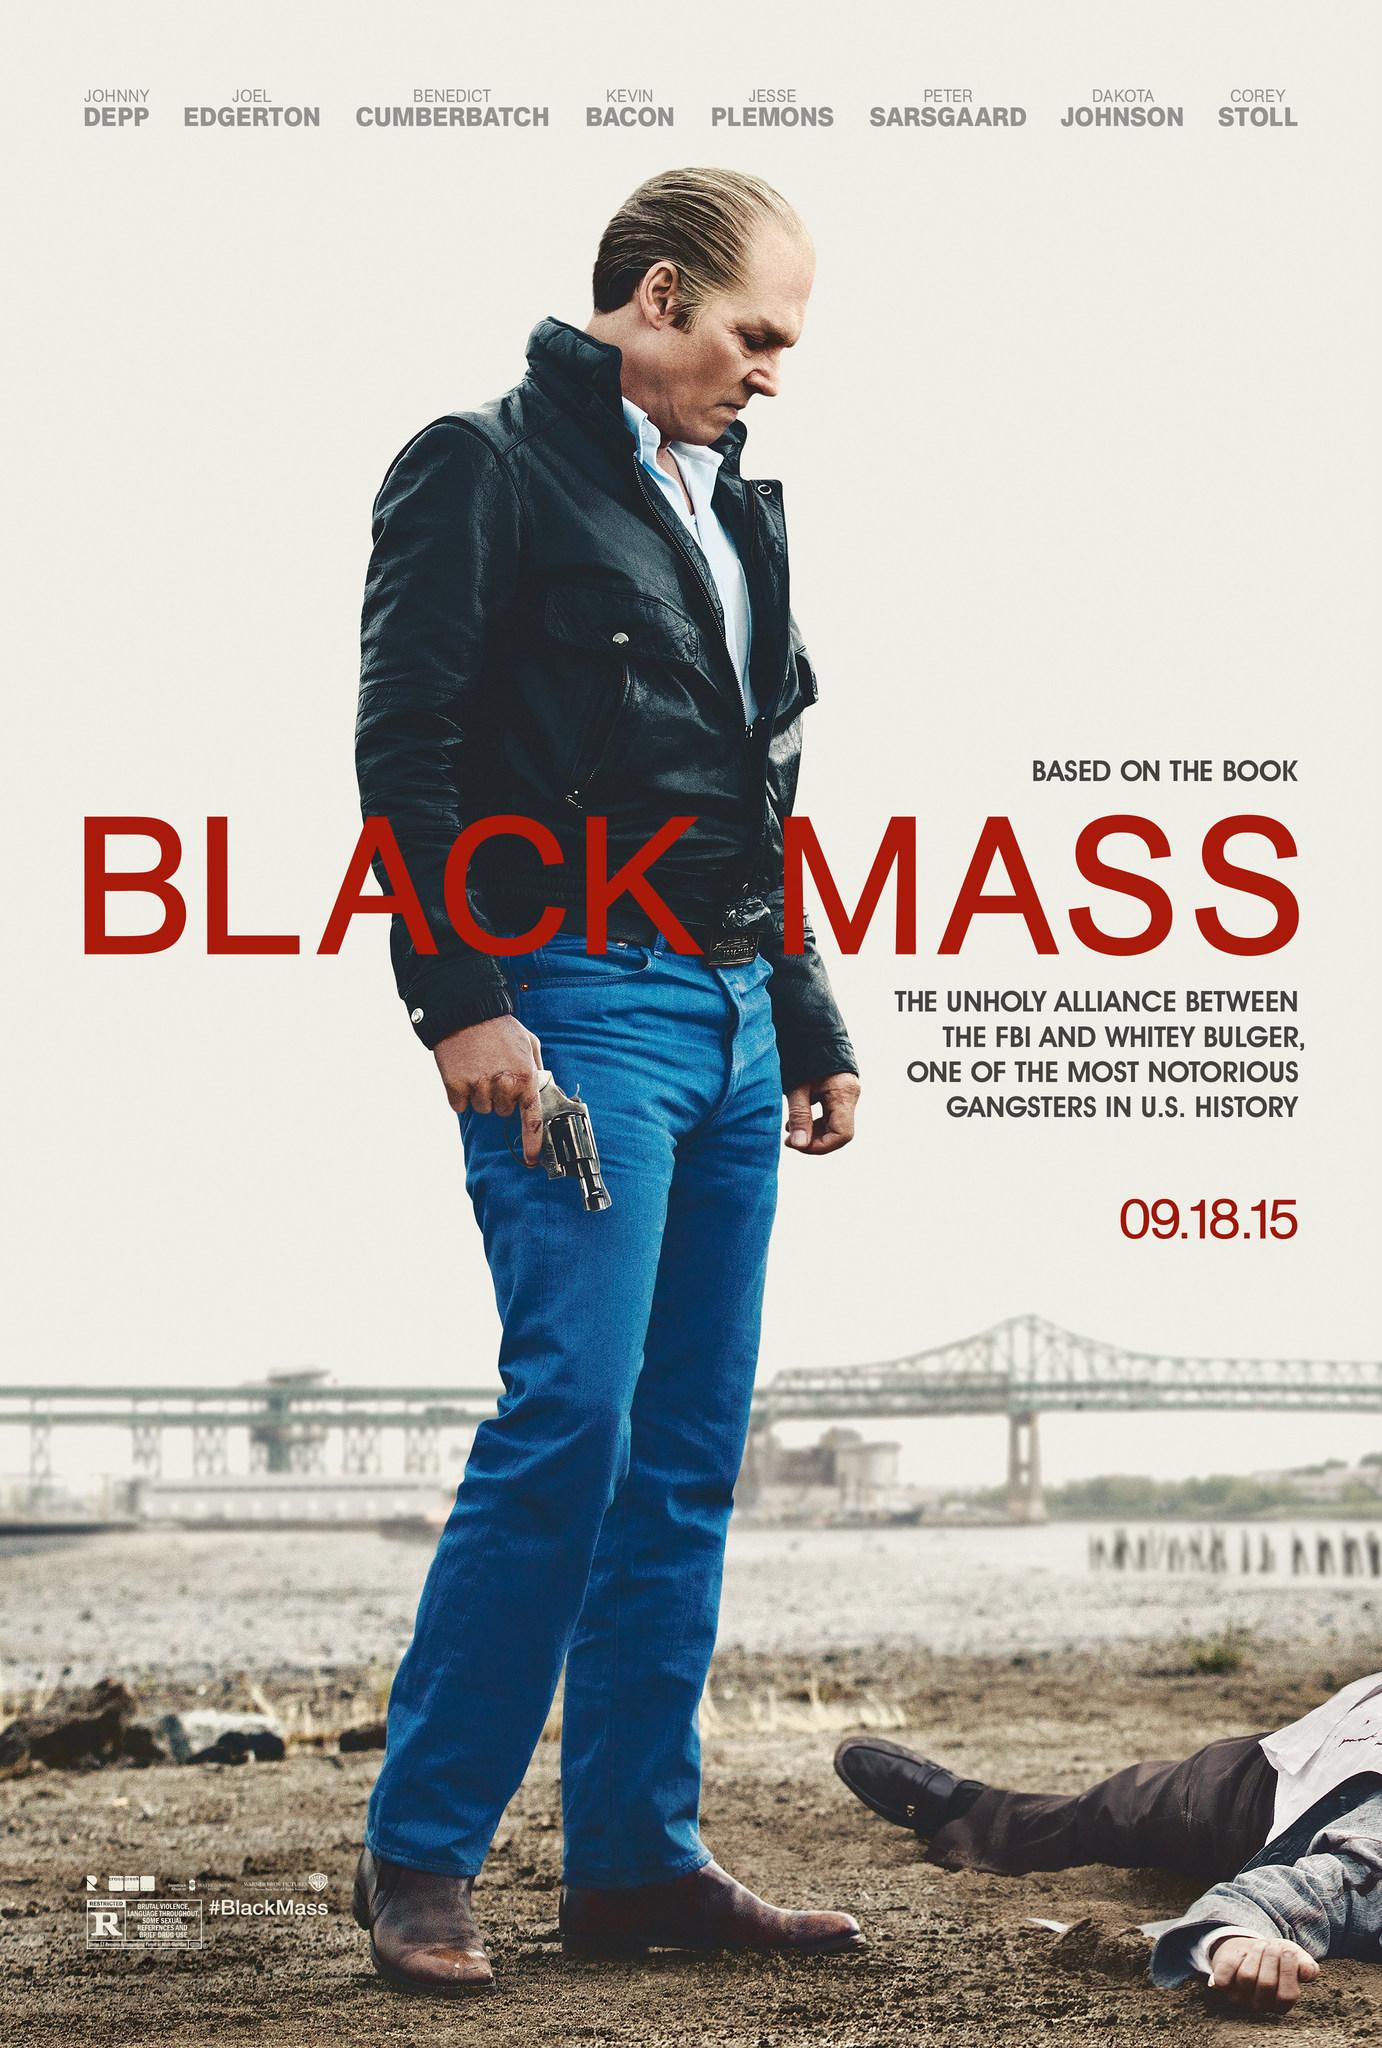 Johnny Depp in Black Mass (2015)